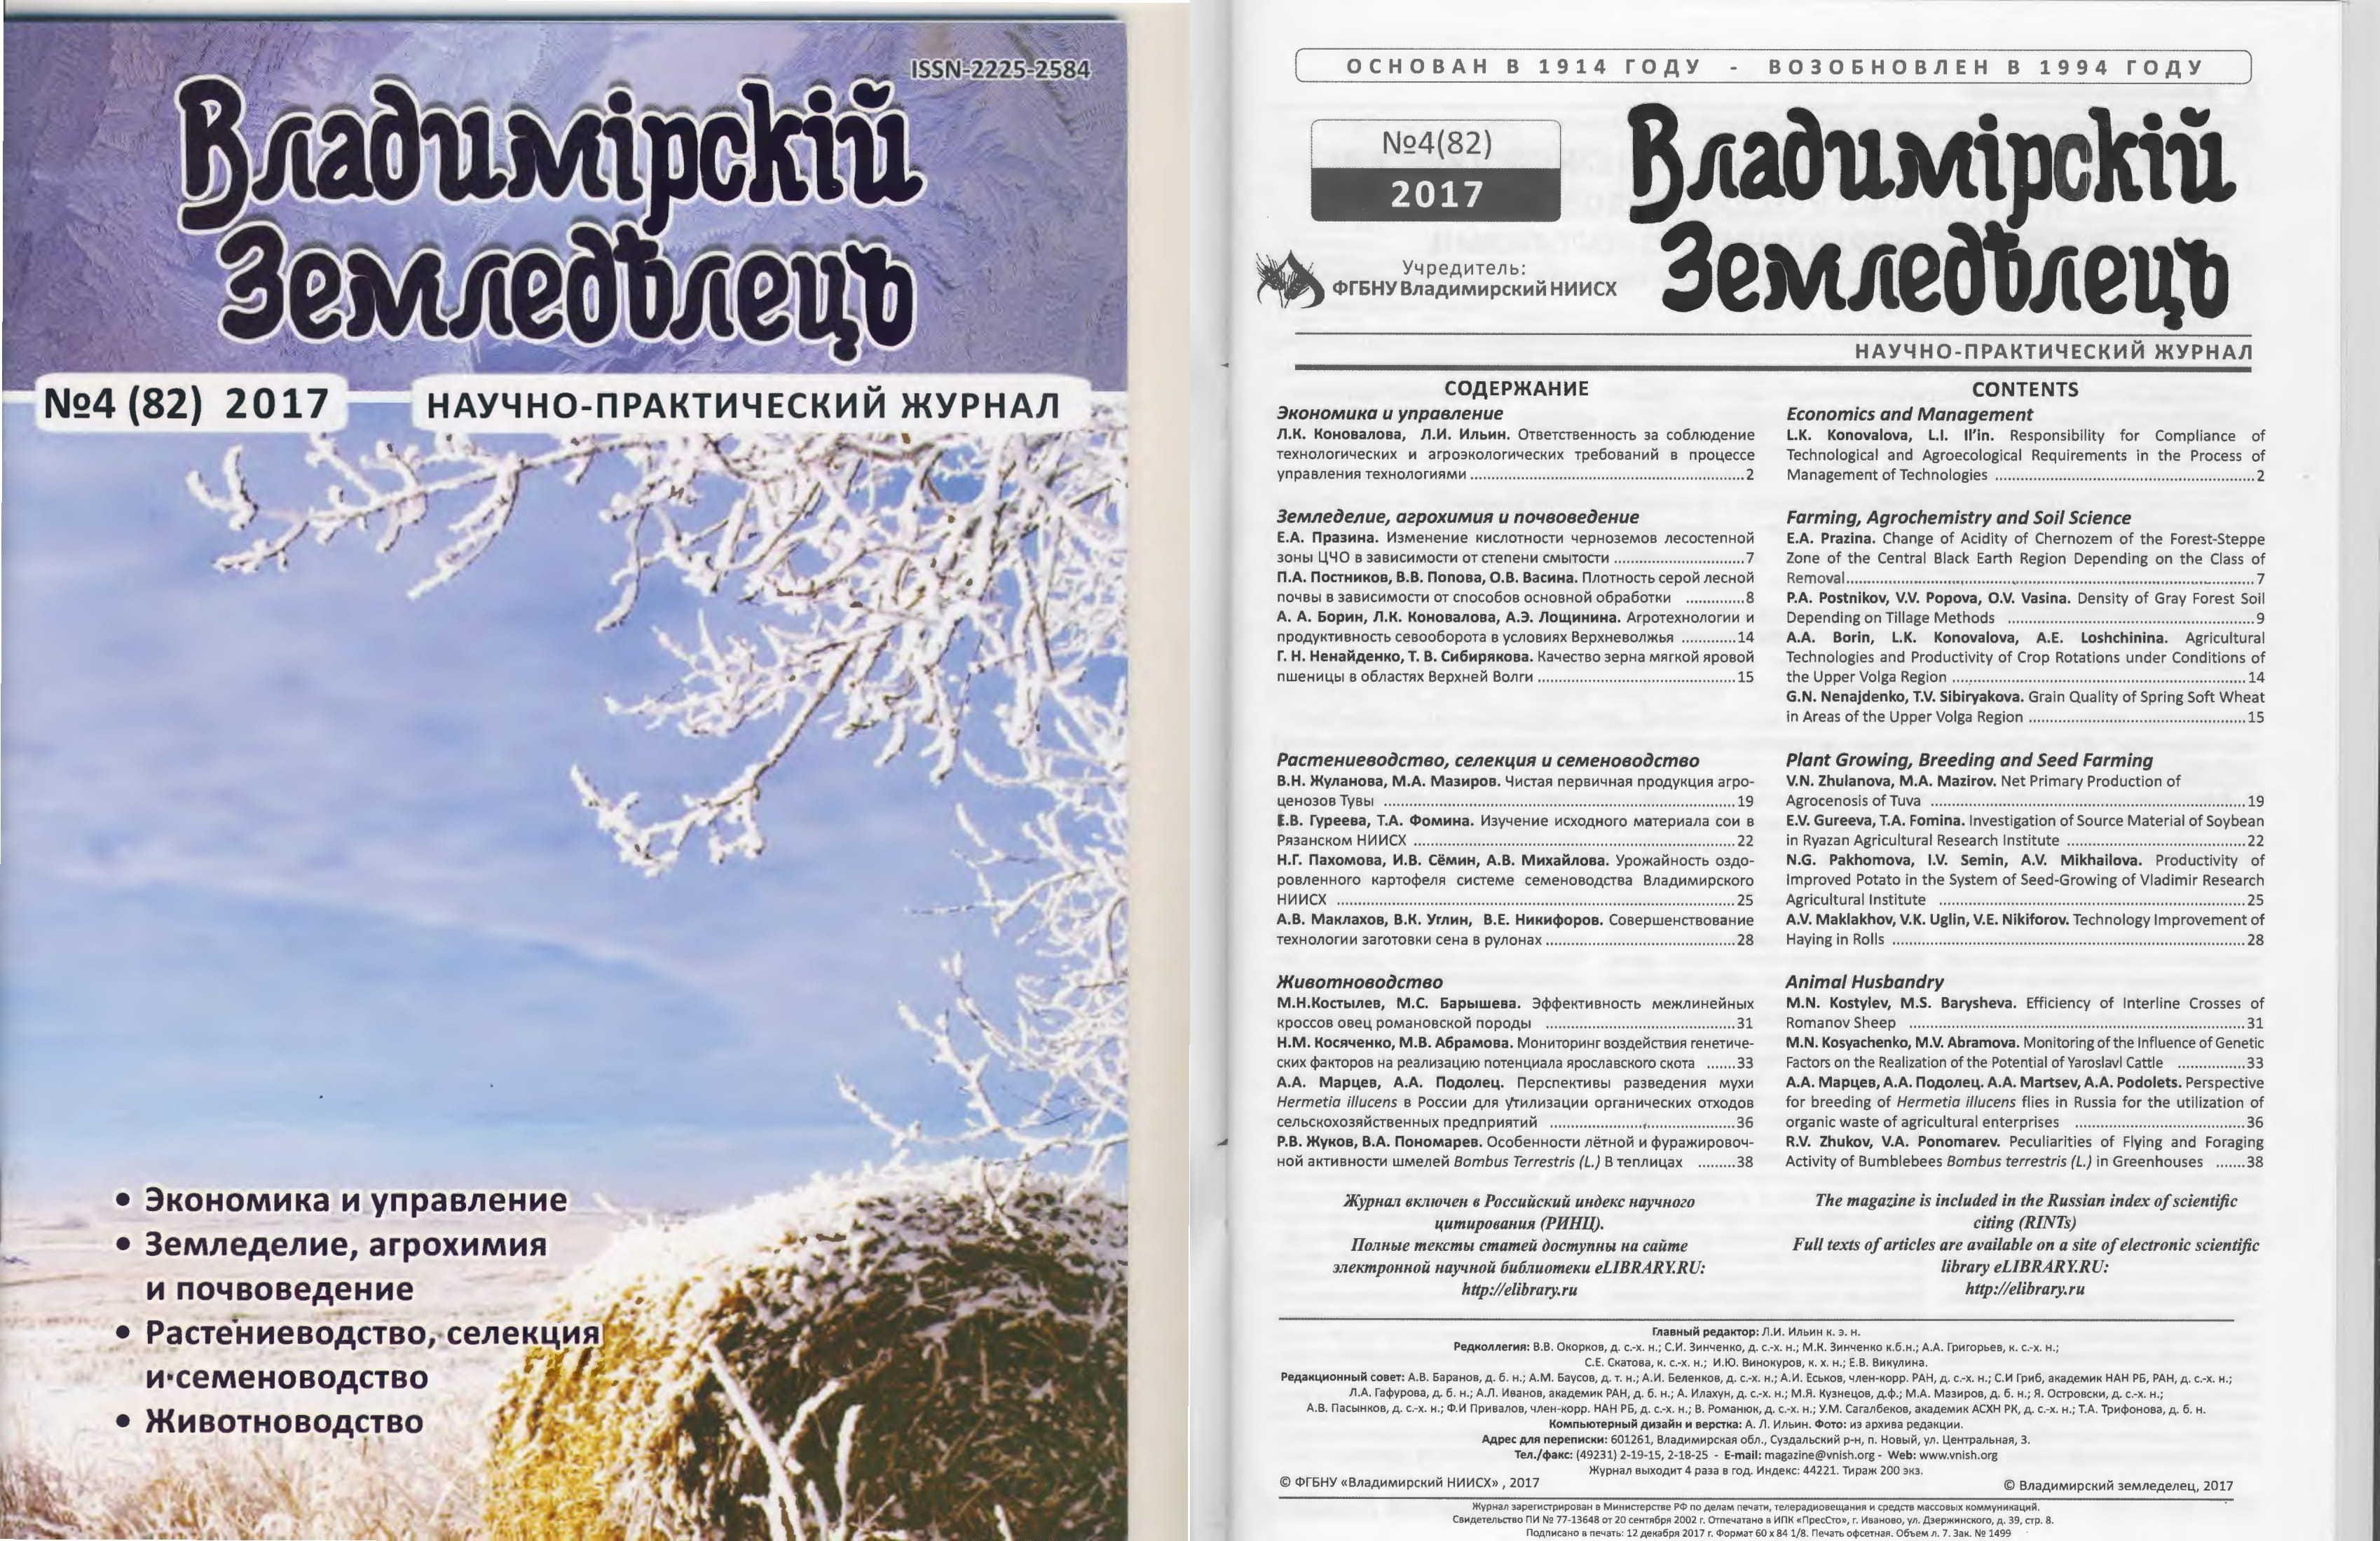 Владимирский земледелец 4(82) 2017